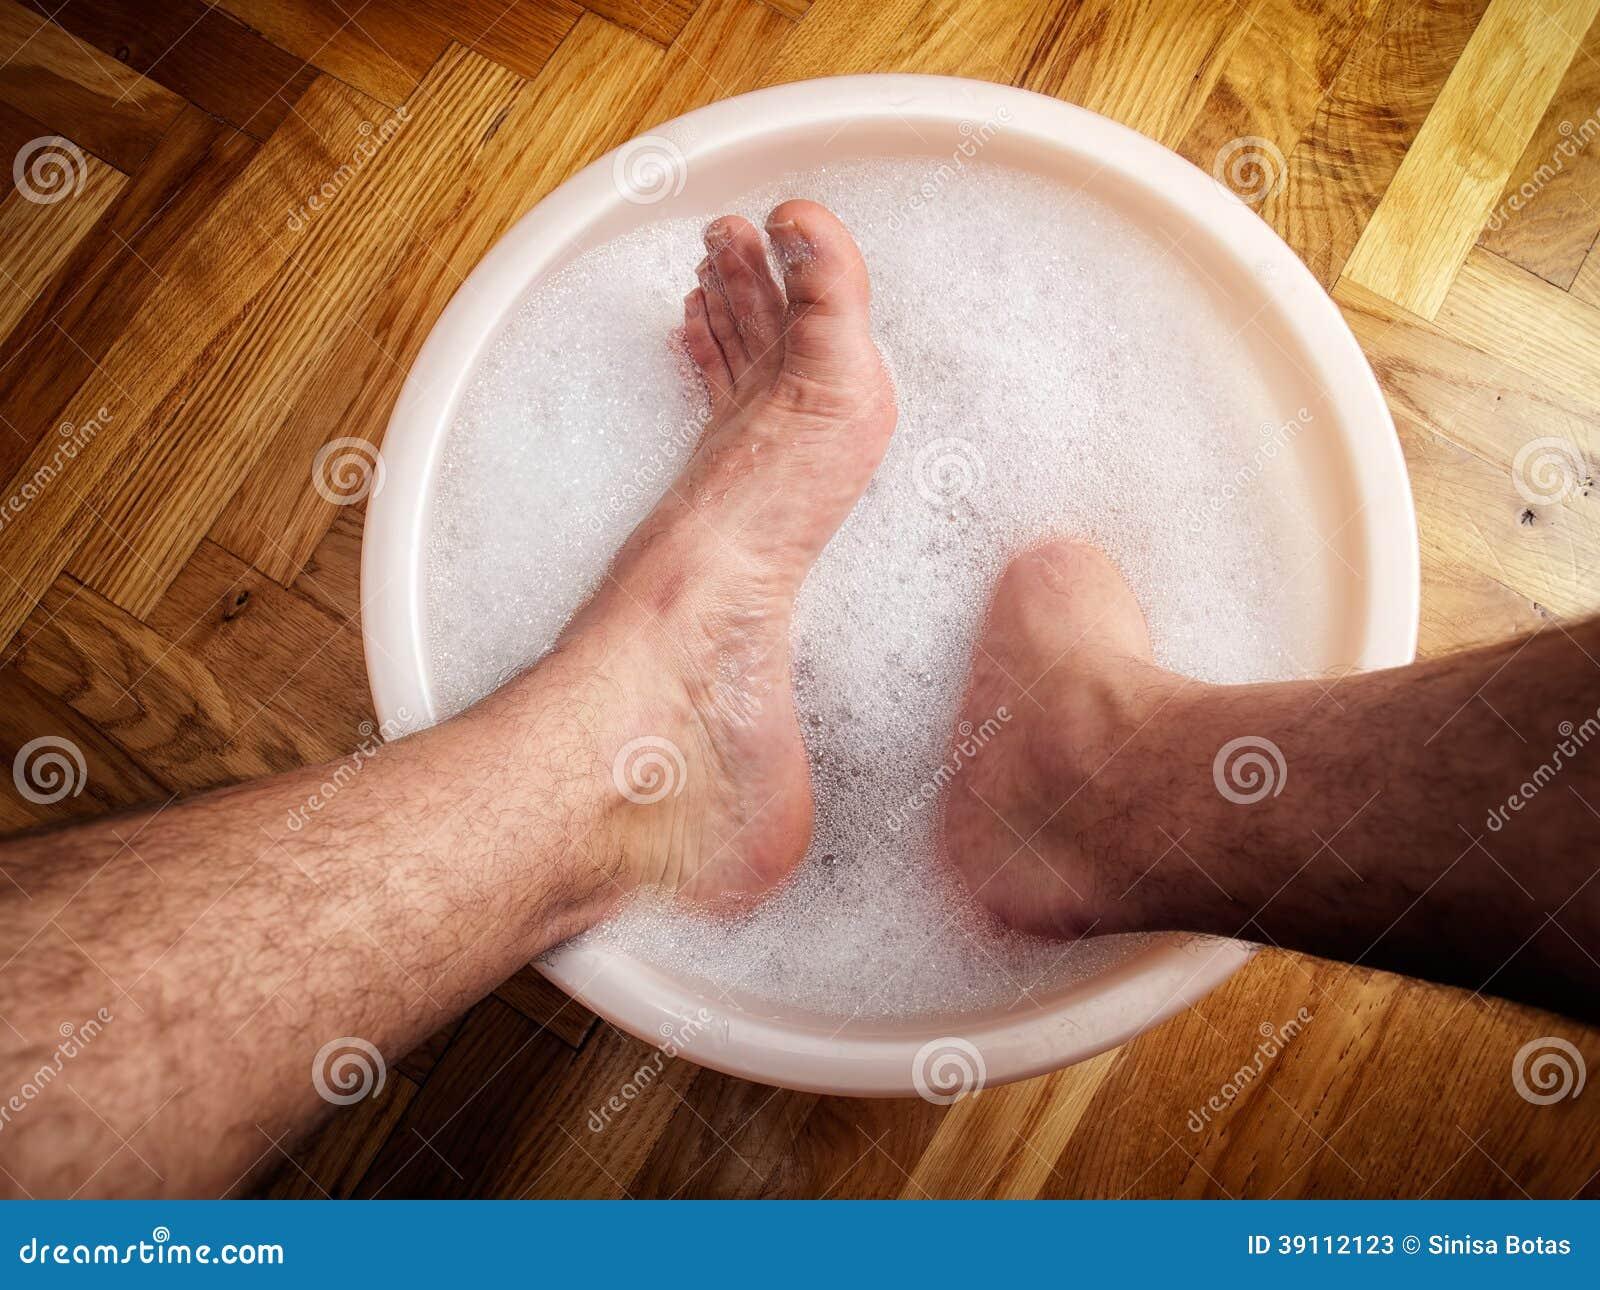 Фото мужских ног в ванной 11 фотография